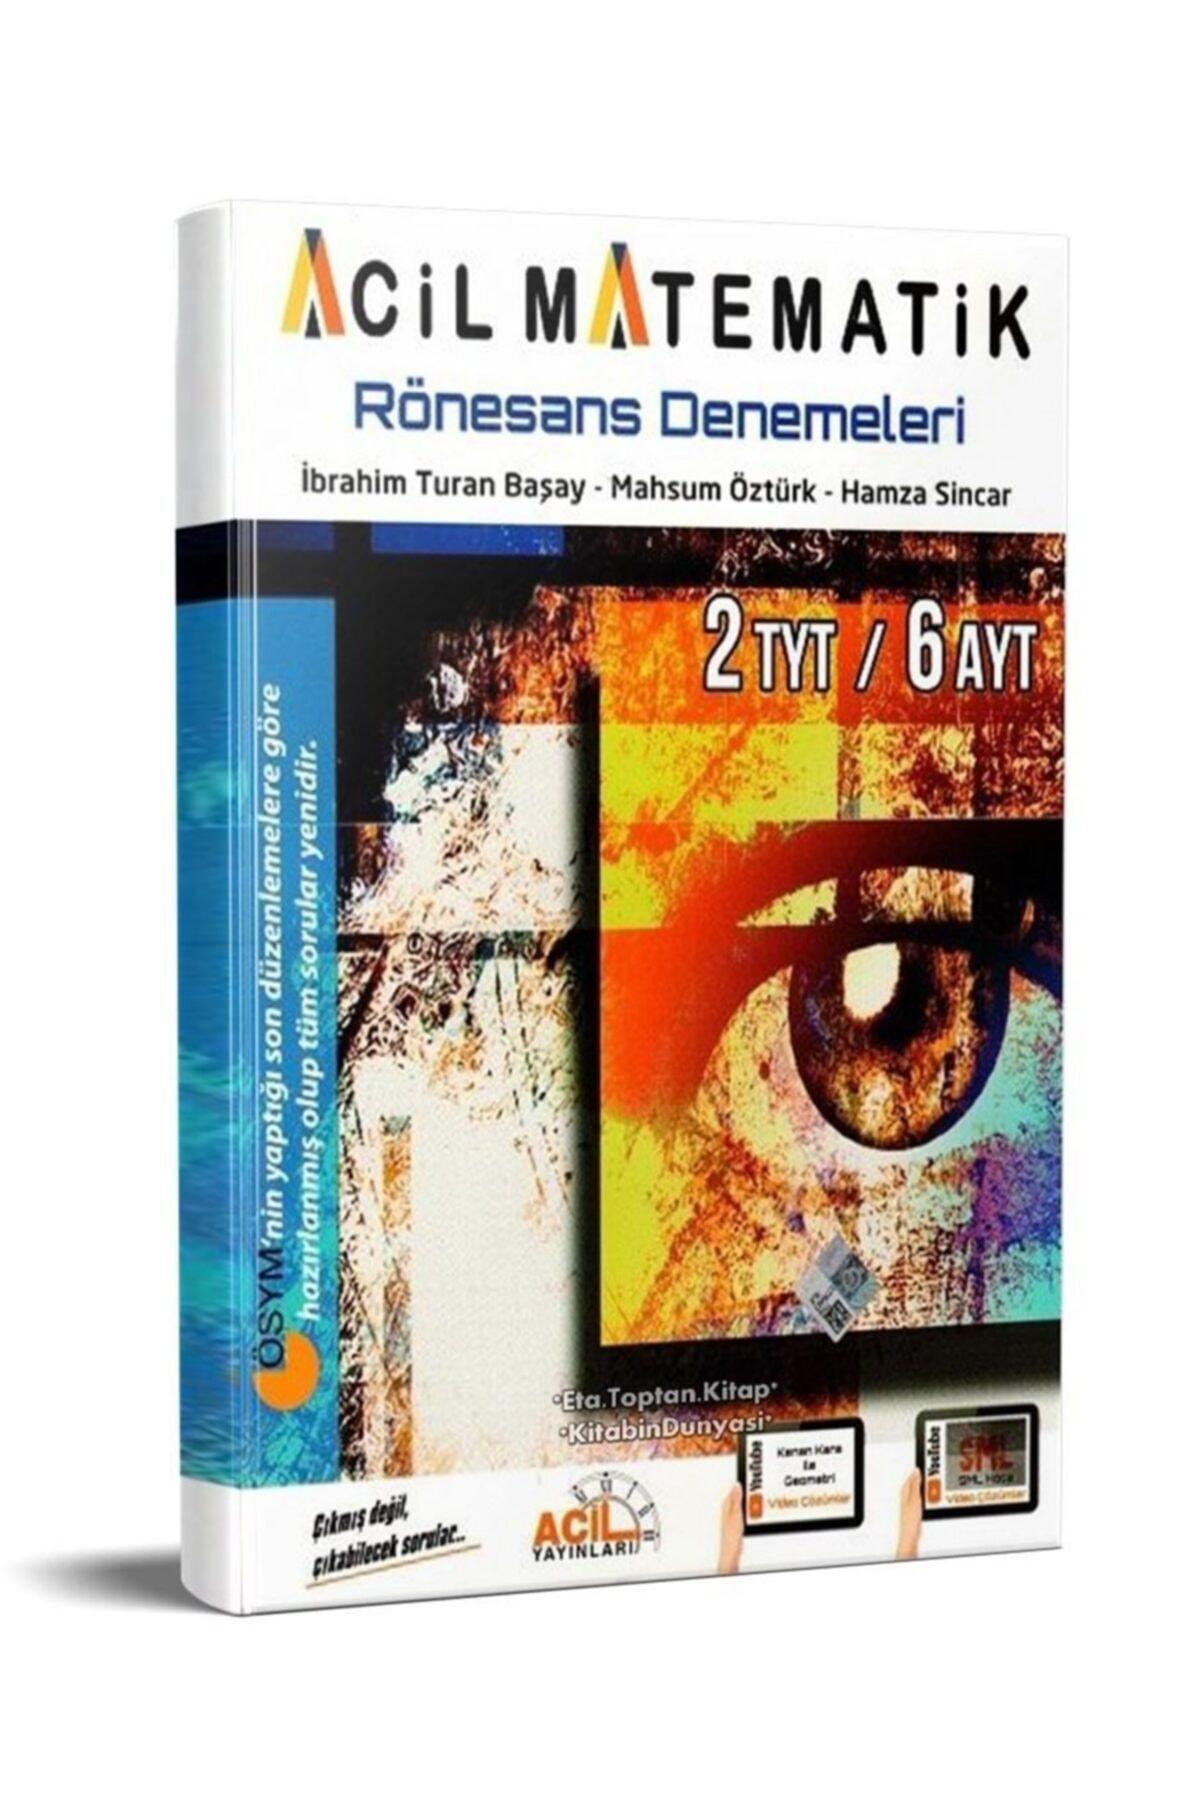 Acil Yayınları Tyt Ayt Acil Matematik Rönesans Denemeleri 2020 1